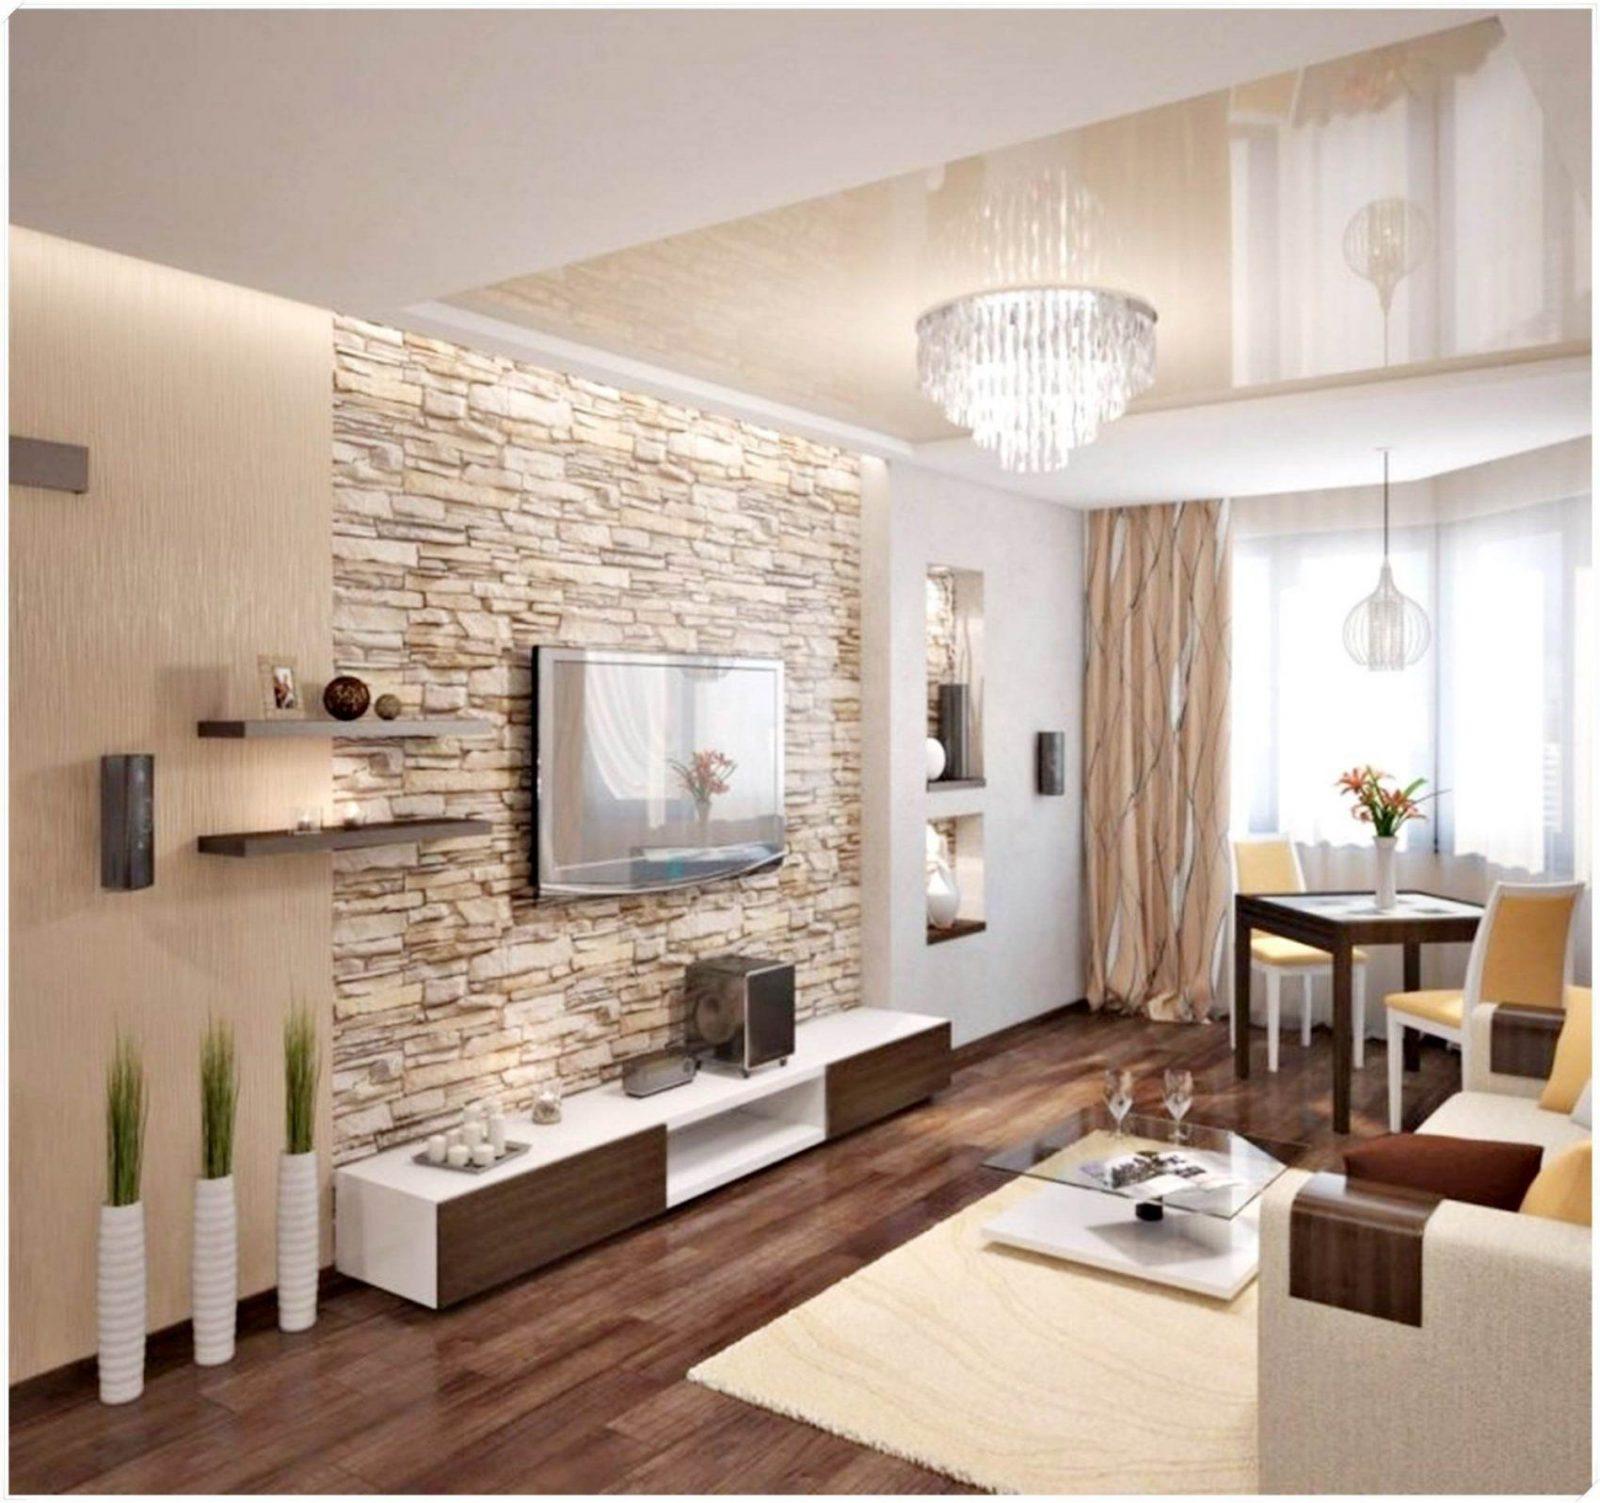 Perfekt Wohnzimmer Wandgestaltung Tapete C Aseartsf Von Wandgestaltung Mit Tapeten  Wohnzimmer Photo